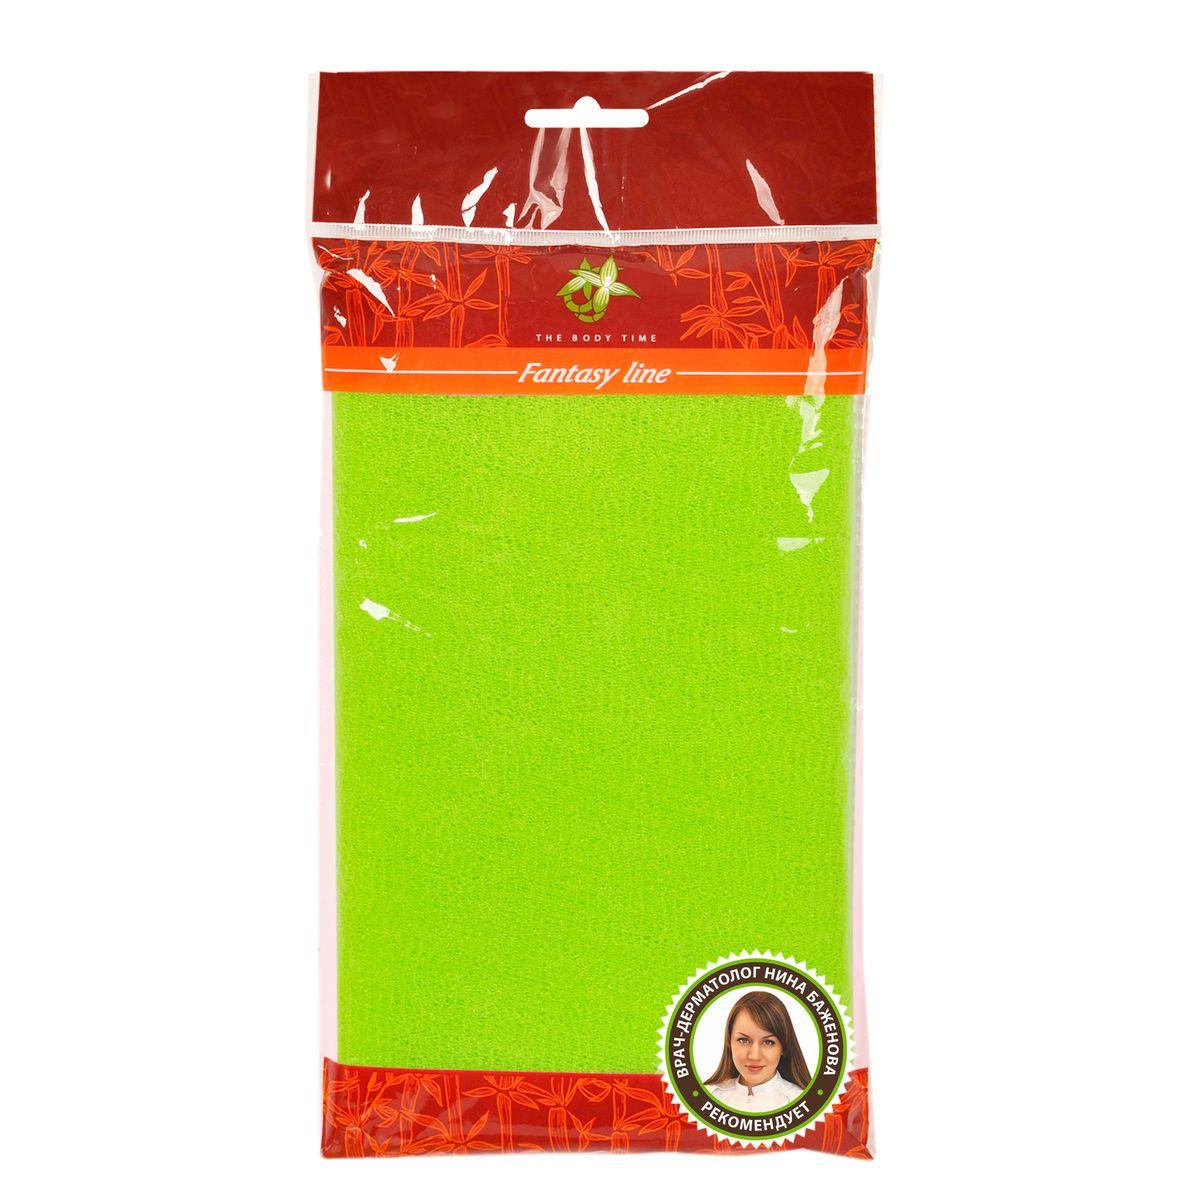 Мочалка-скраб The Body Time, цвет: зеленый, 100 х 30 см57051 зеленыйМочалка-скраб The Body Time изготовлена из нейлона. Благодаря особому переплетению волокон, мочалка прекрасно очищает, массирует и тонизирует кожу, создает пышную пену даже при экономном использовании геля для душа. Изделие можно использовать как мочалку-бант или как длинную мочалку для спины.